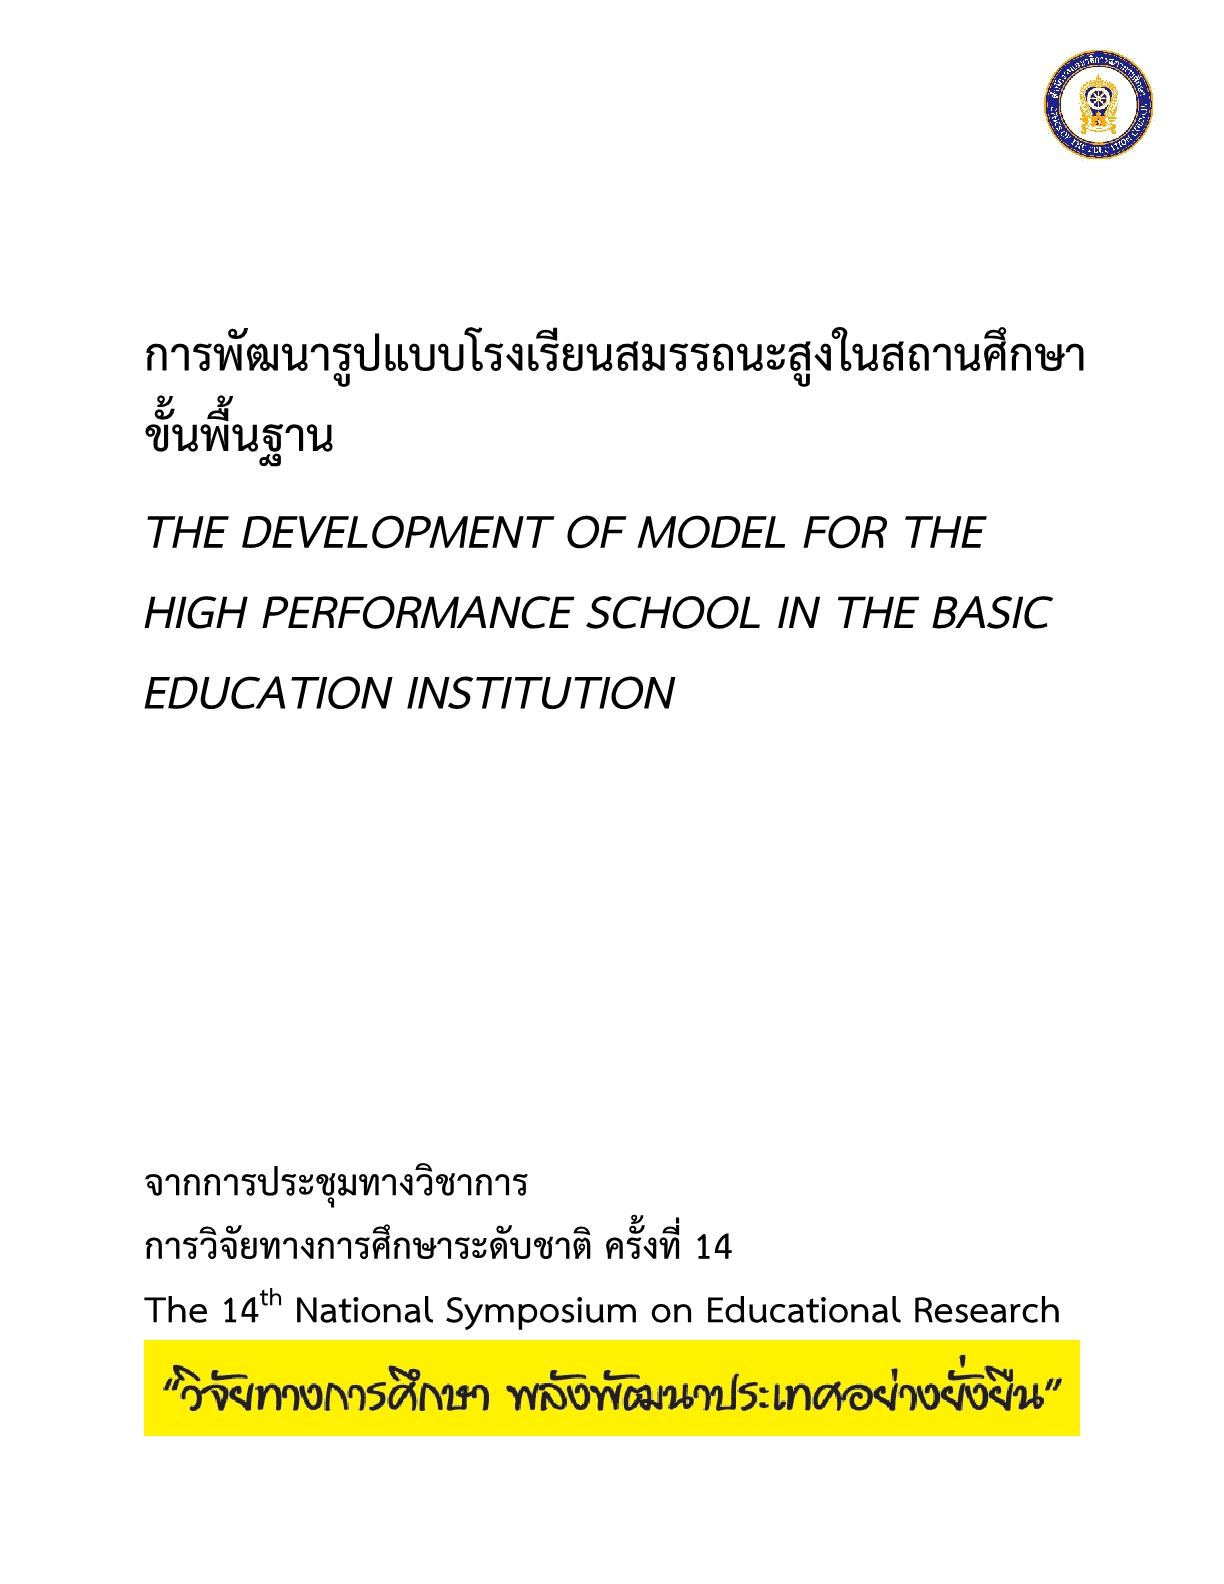 การพัฒนารูปแบบโรงเรียนสมรรถนะสูงในสถานศึกษาขั้นพื้นฐาน